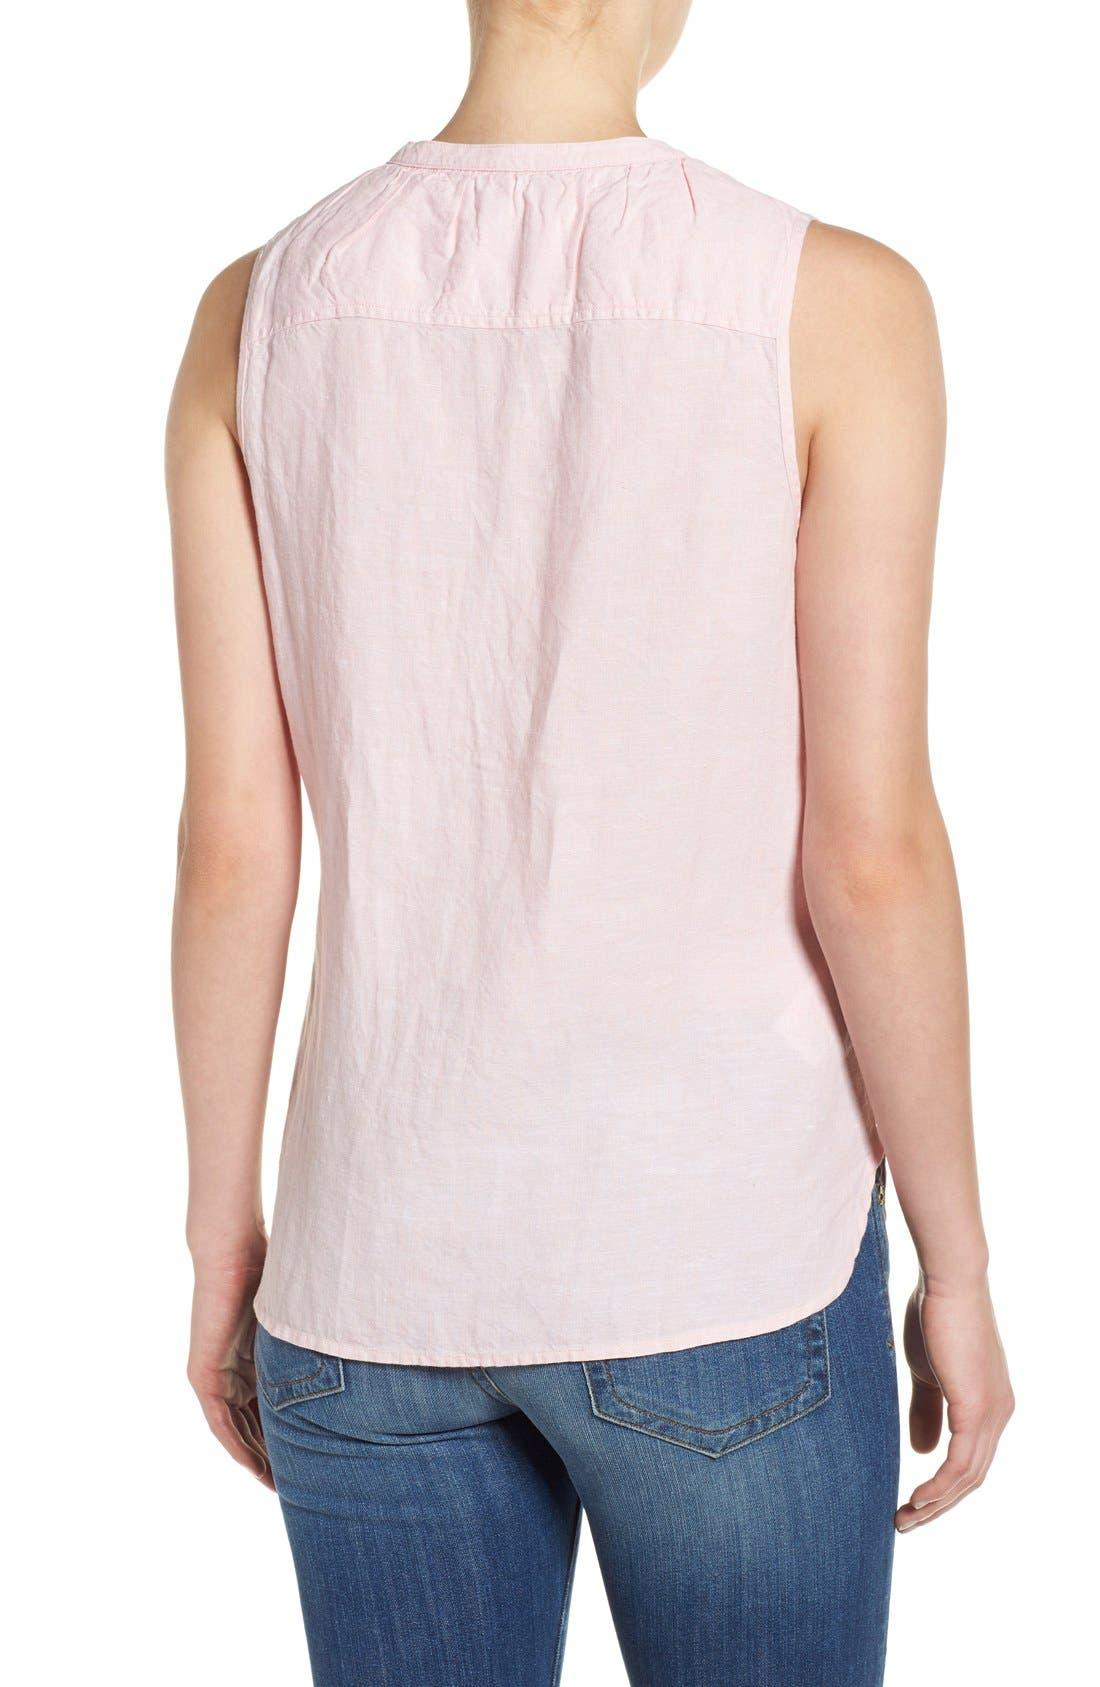 Alternate Image 2  - Tommy Bahama 'Sunset Chambray' Sleeveless Shirt